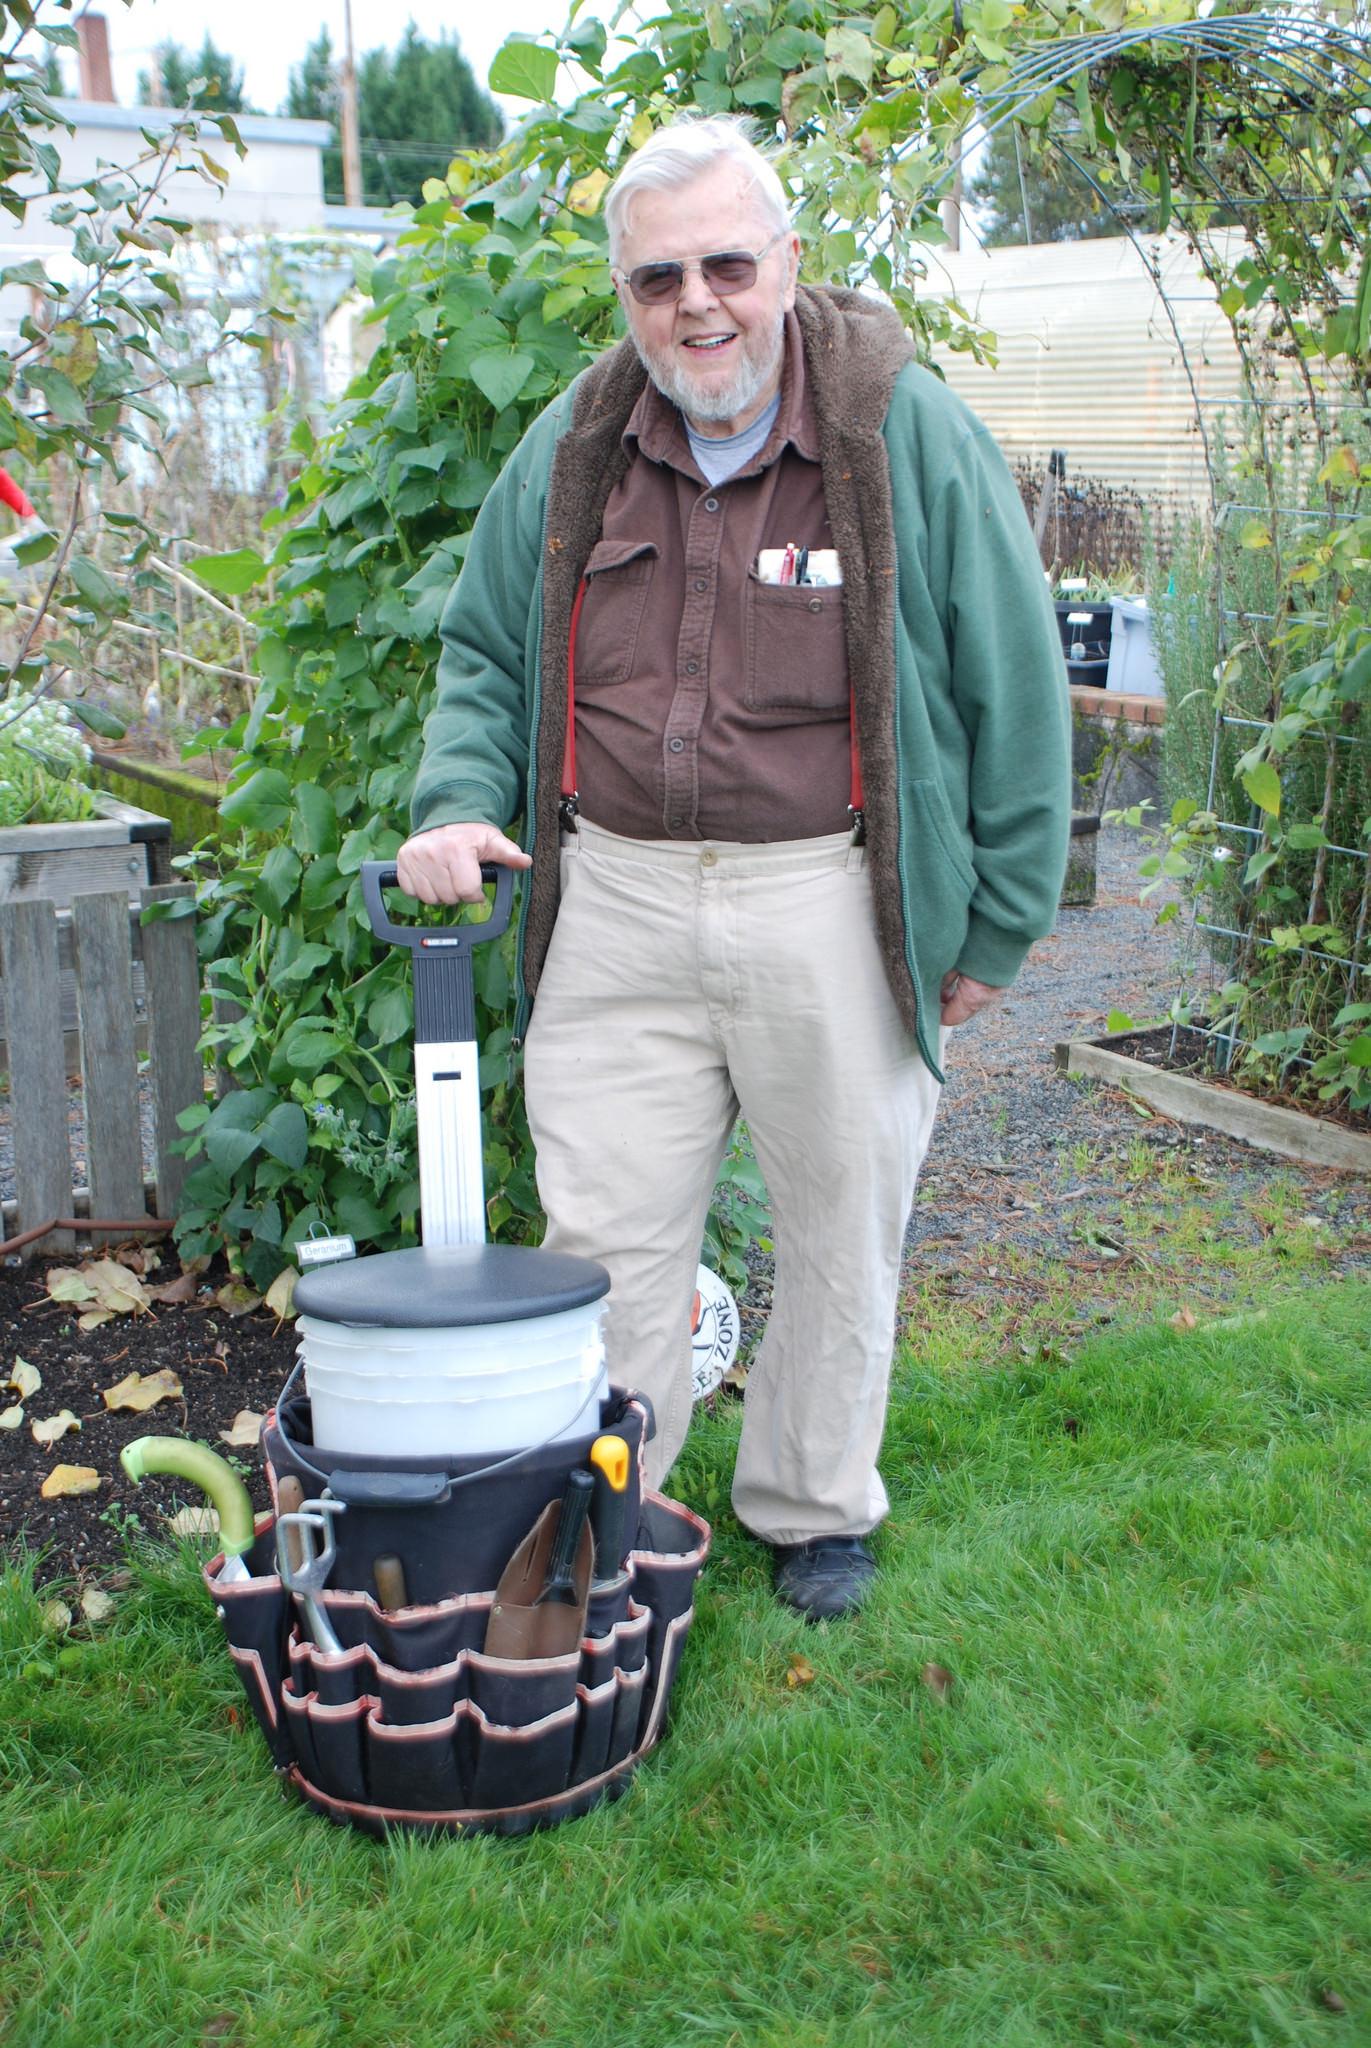 15 ways to make gardening easier